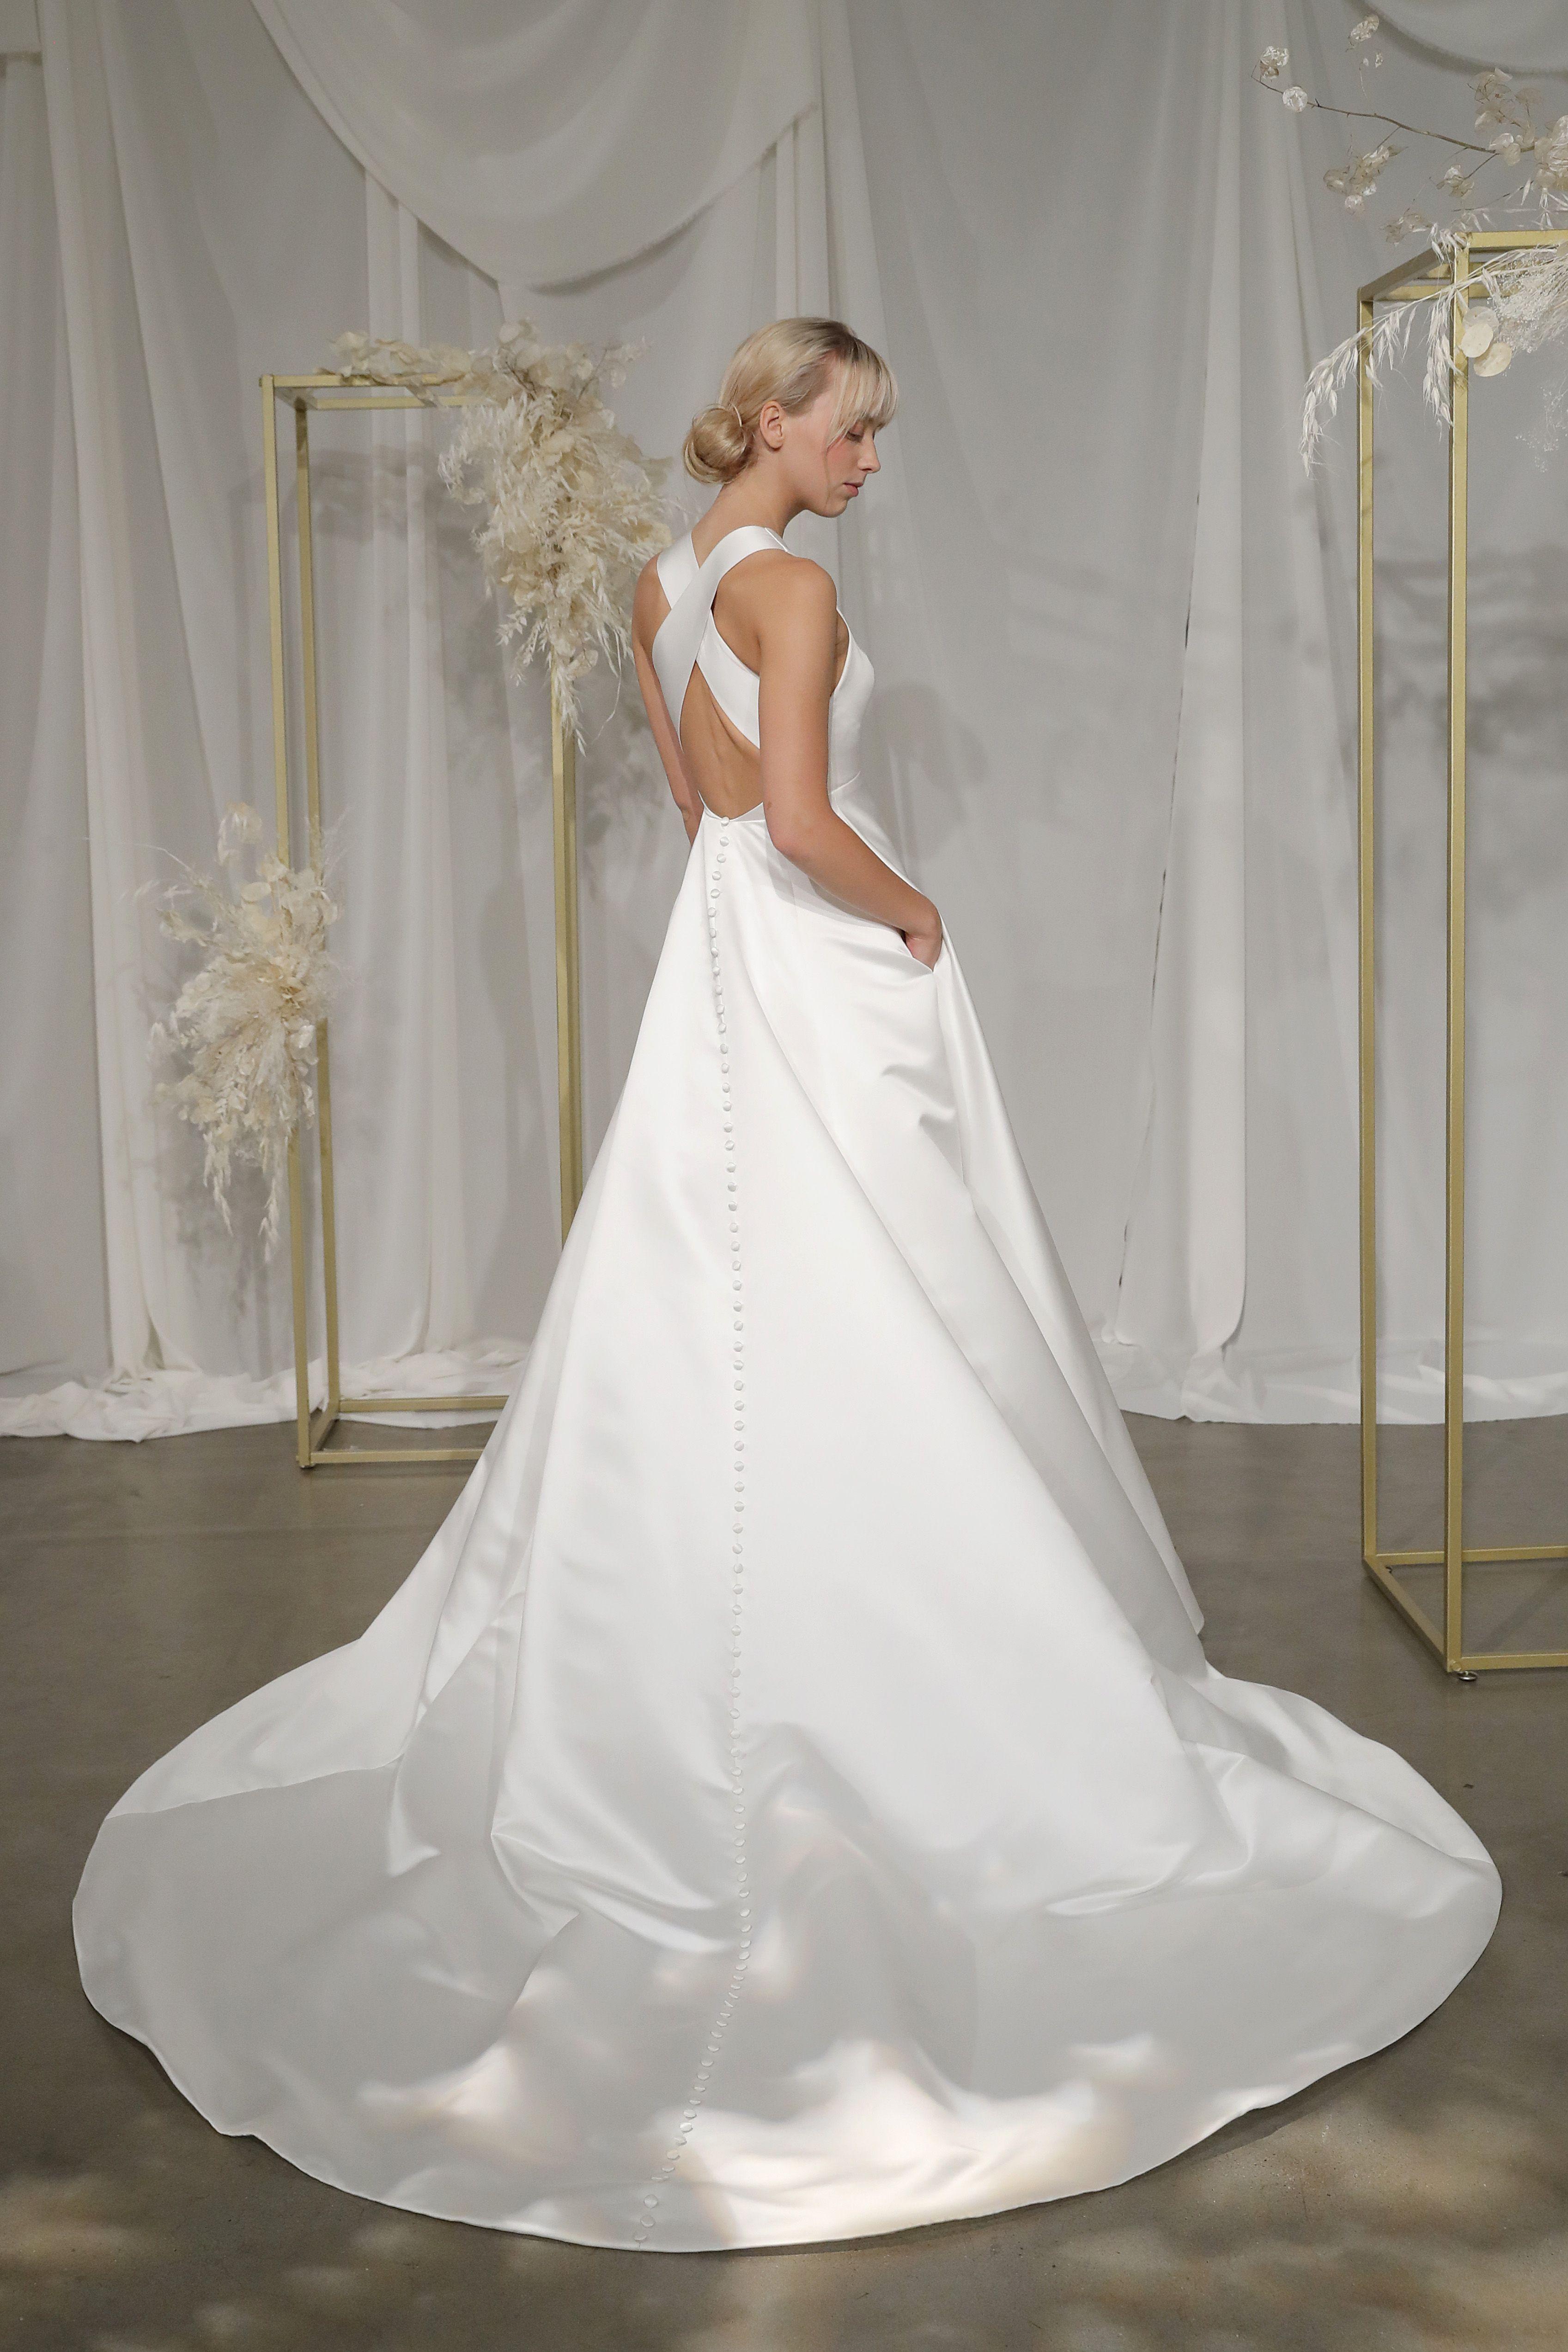 Maggie By Nouvelle Amsale Amsale Wedding Dress Amsale Bridal Wedding Dresses